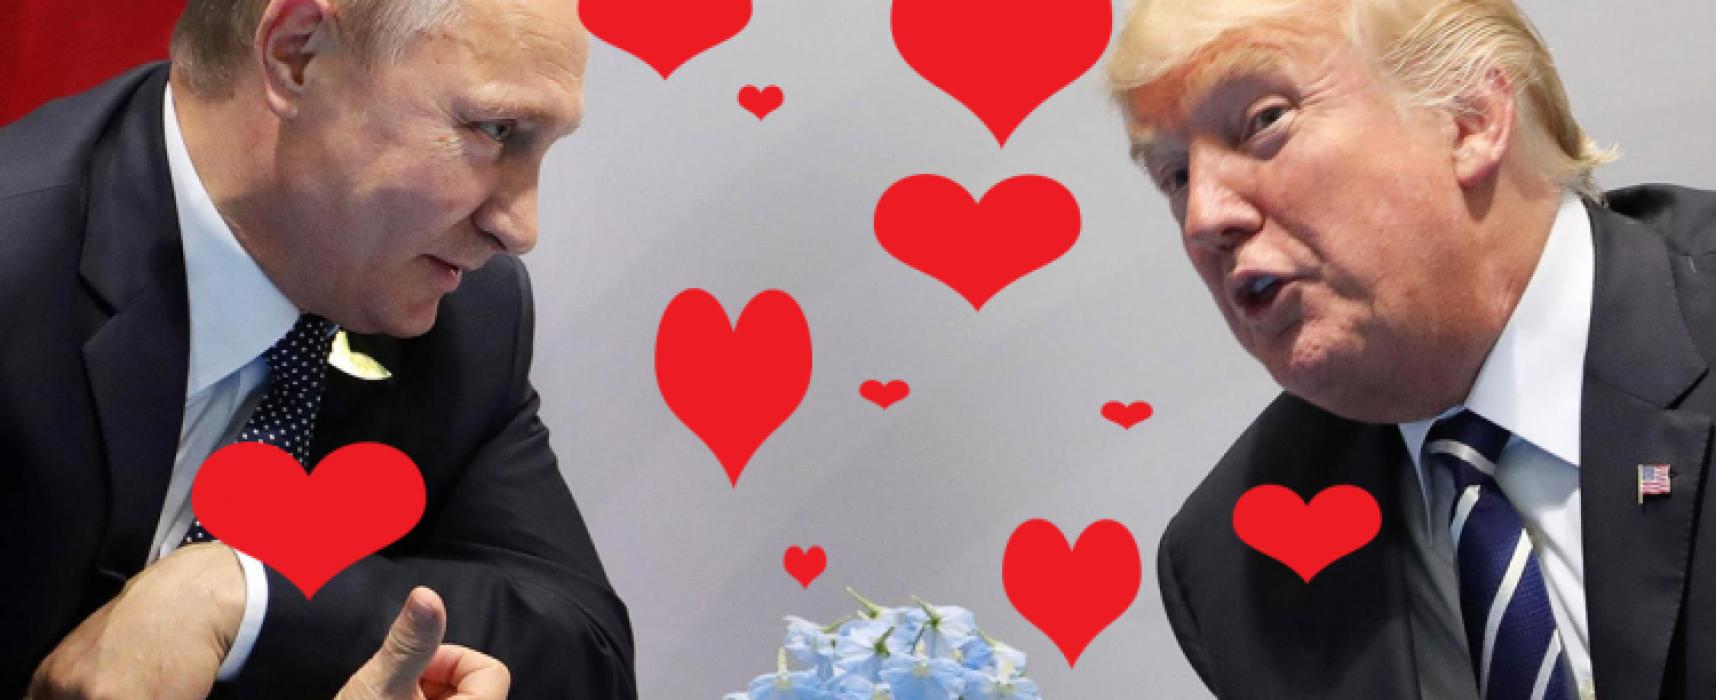 Lažna vest RIA Novosti: amerikanci sve više vole Putina i Rusiju